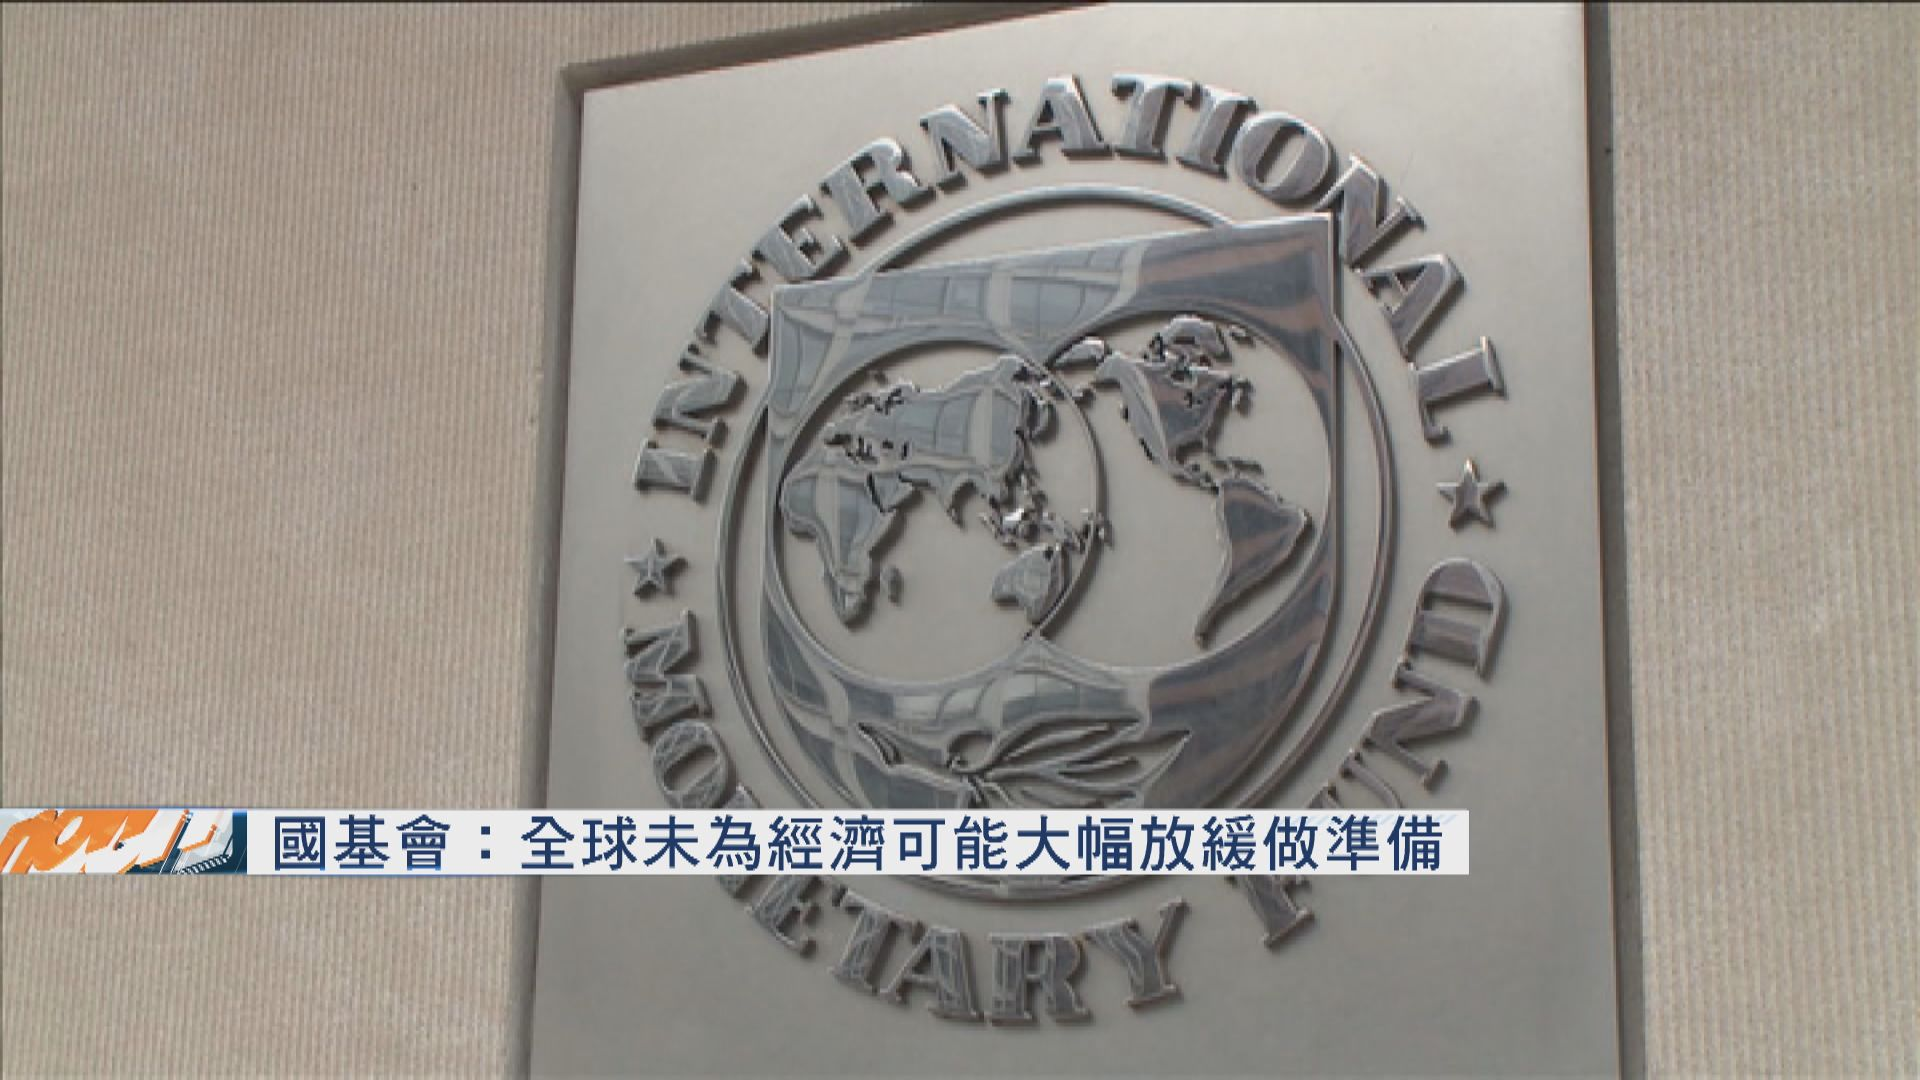 國基會:全球未為經濟可能大幅放緩做準備